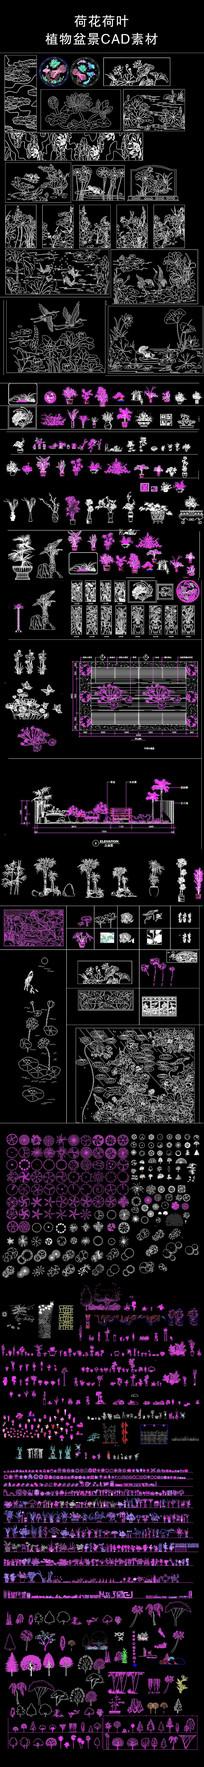 植物浮雕CAD图案